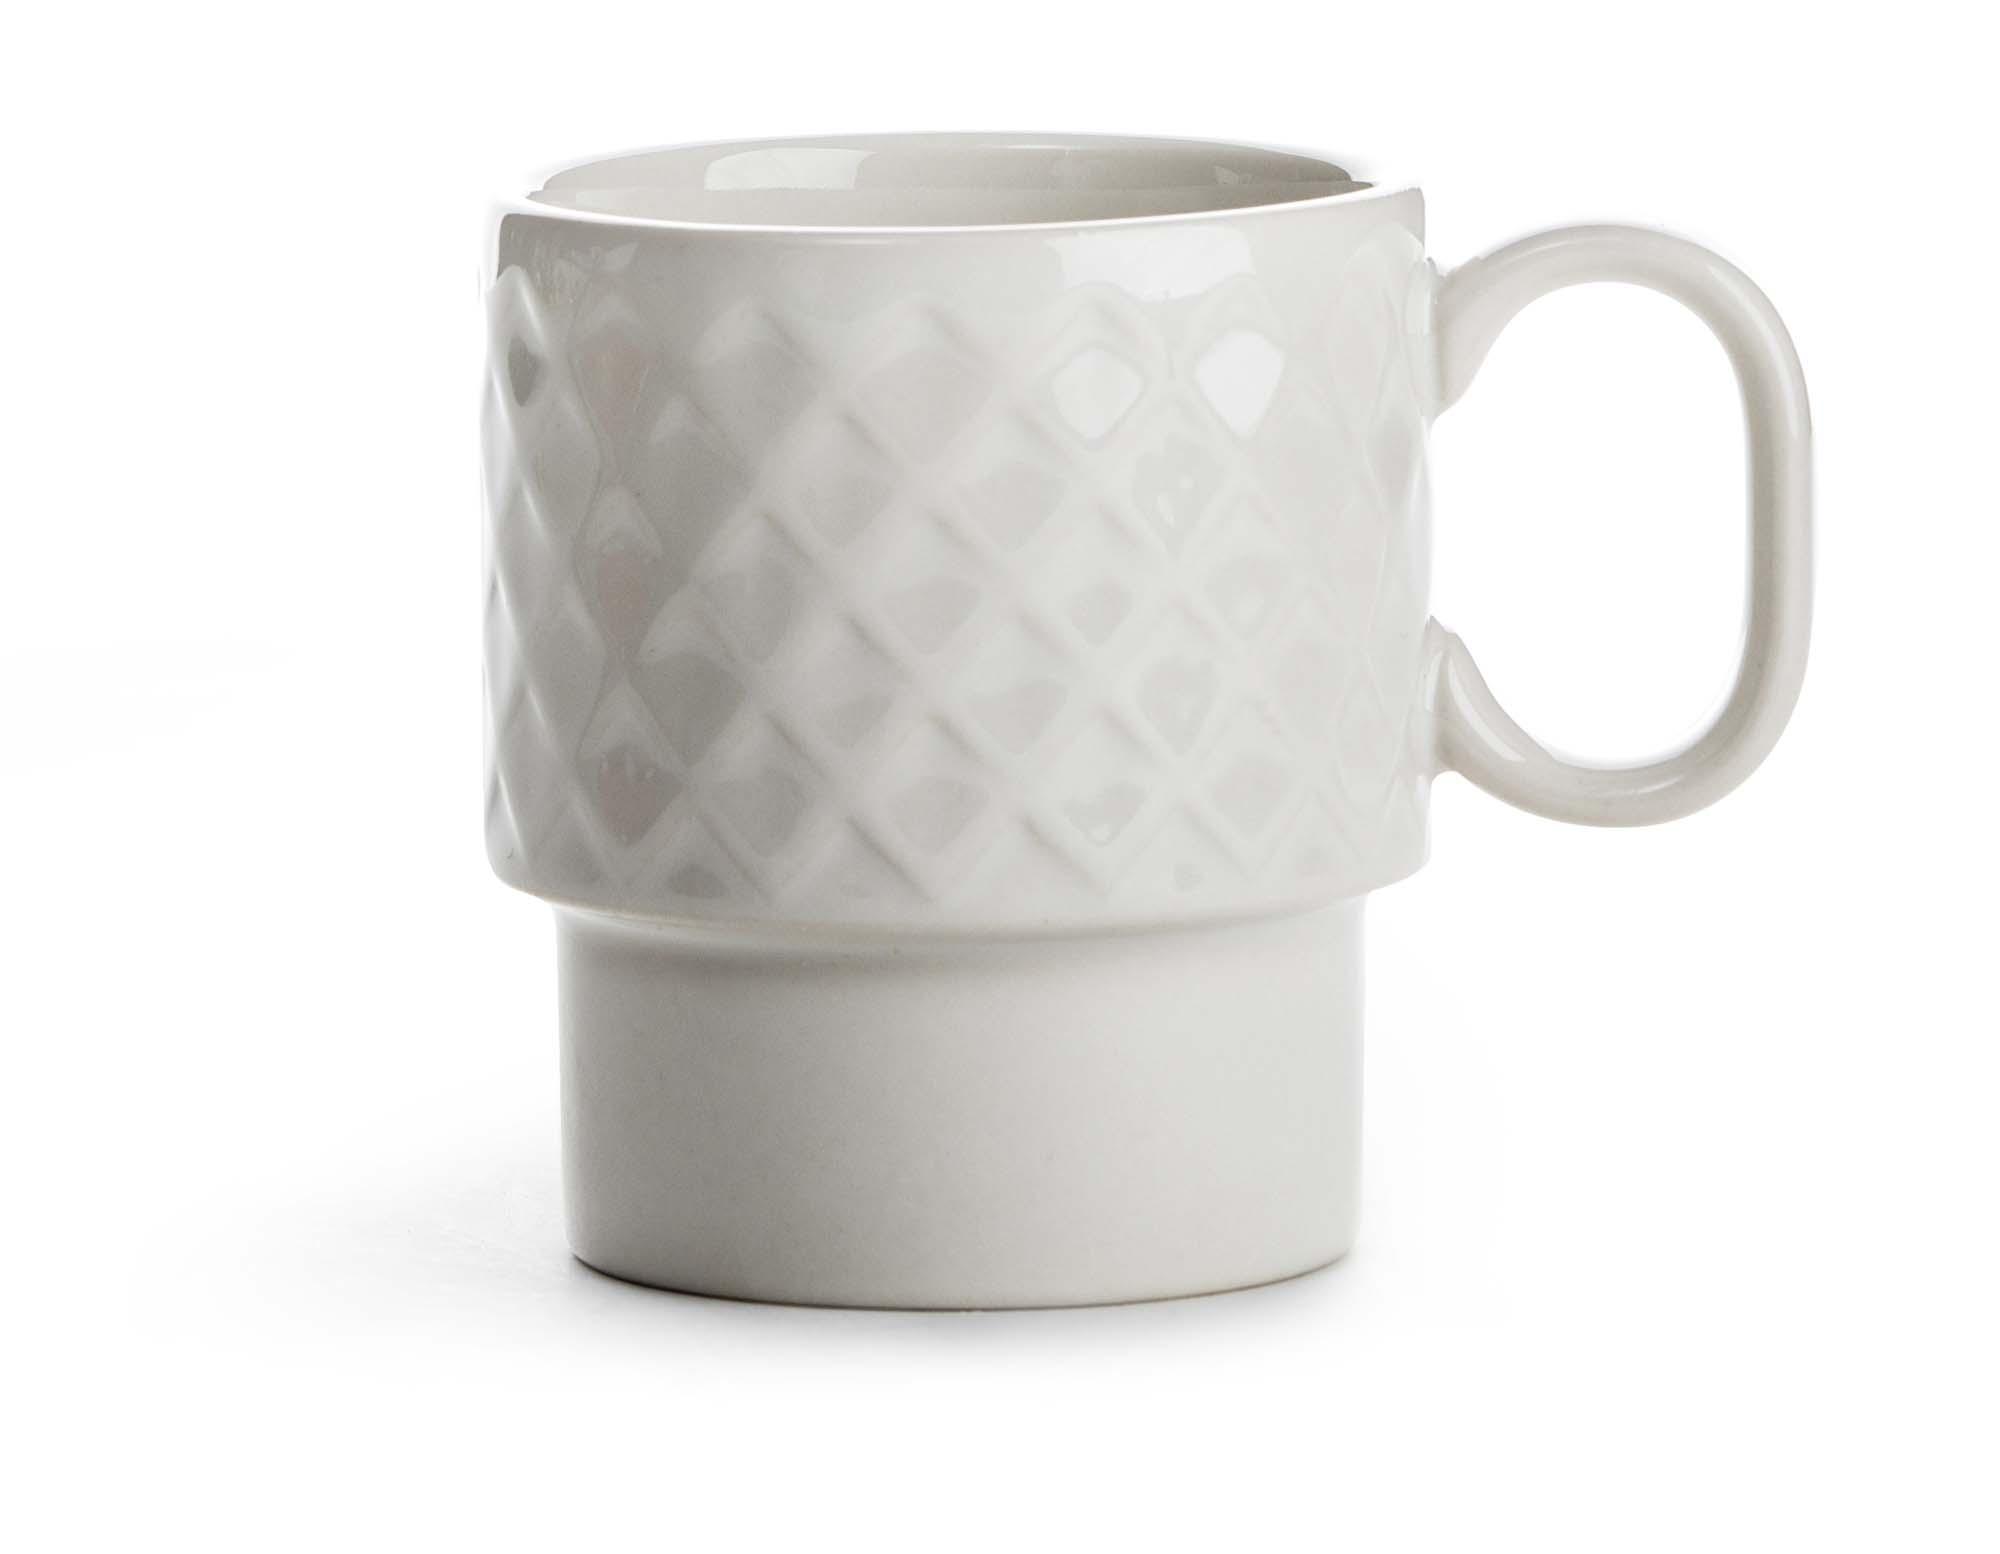 Sagaform Coffee & More kaffekrus Hvit